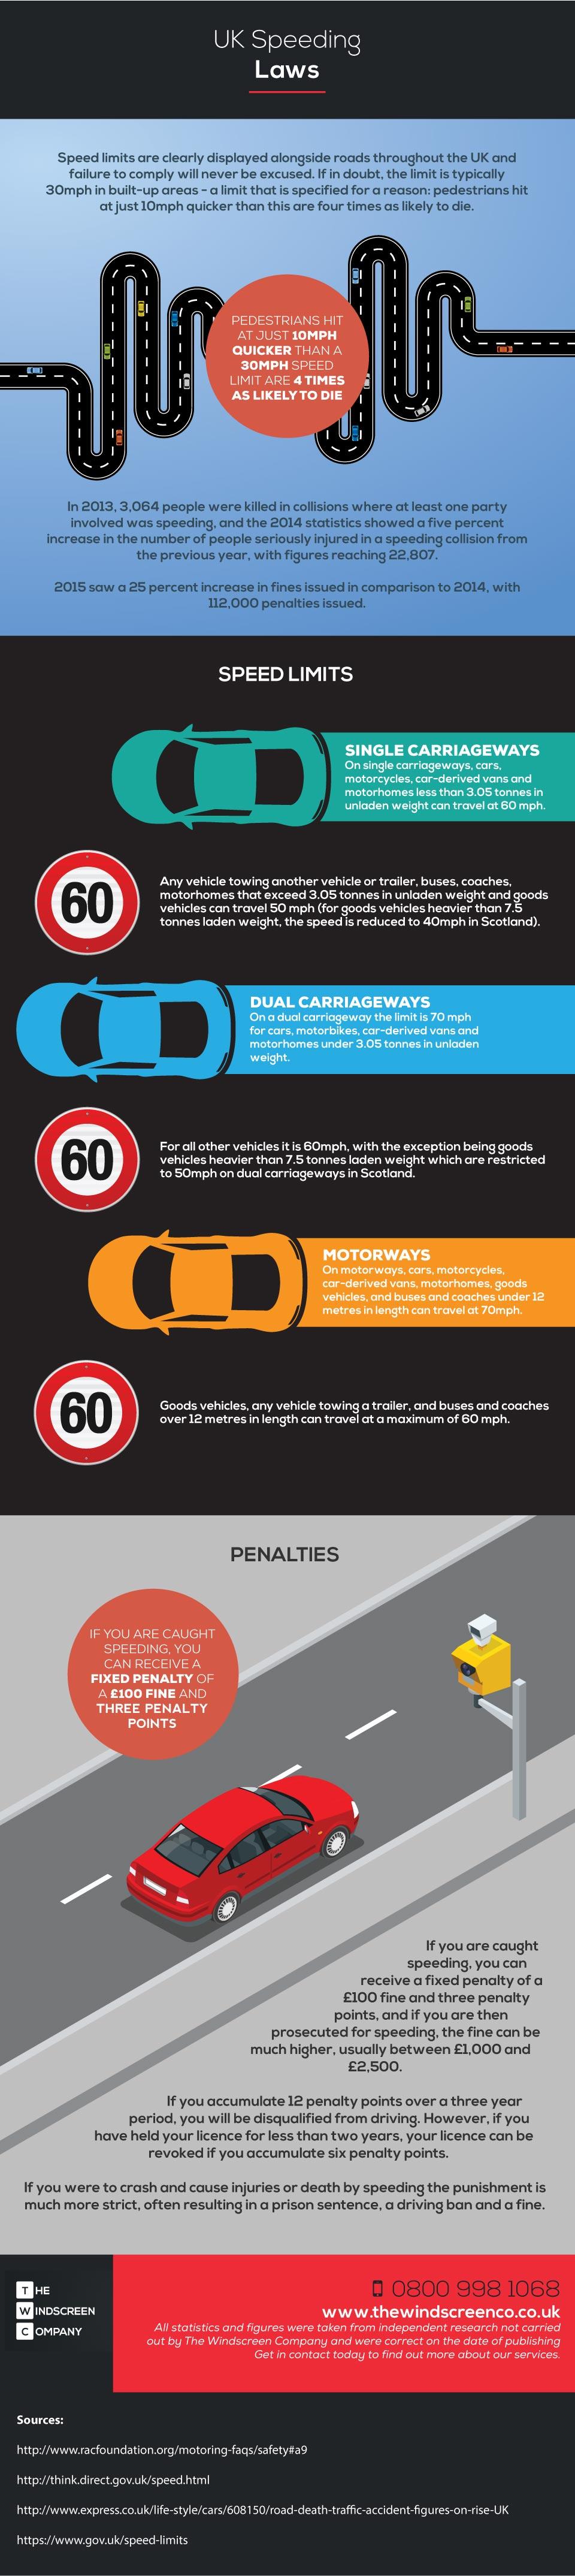 UK speeding laws infographic